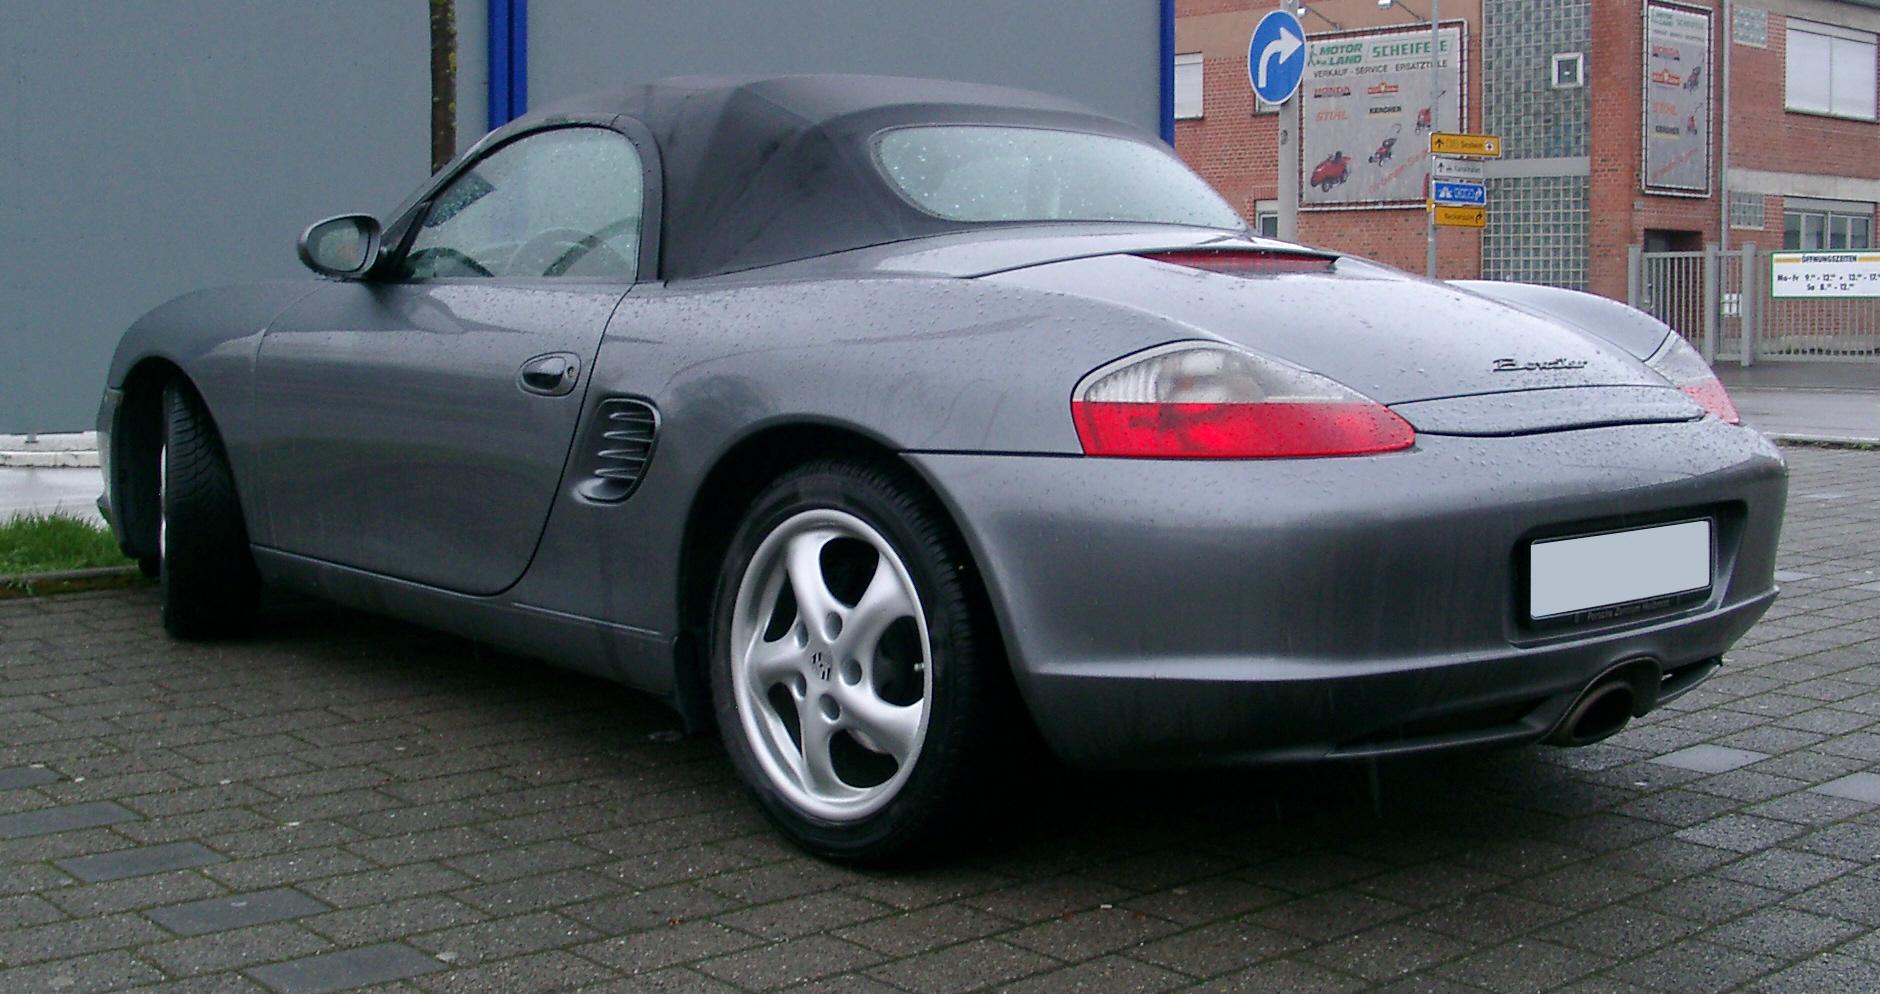 File:Porsche Boxster rear 20070323.jpg - Wikimedia Commons